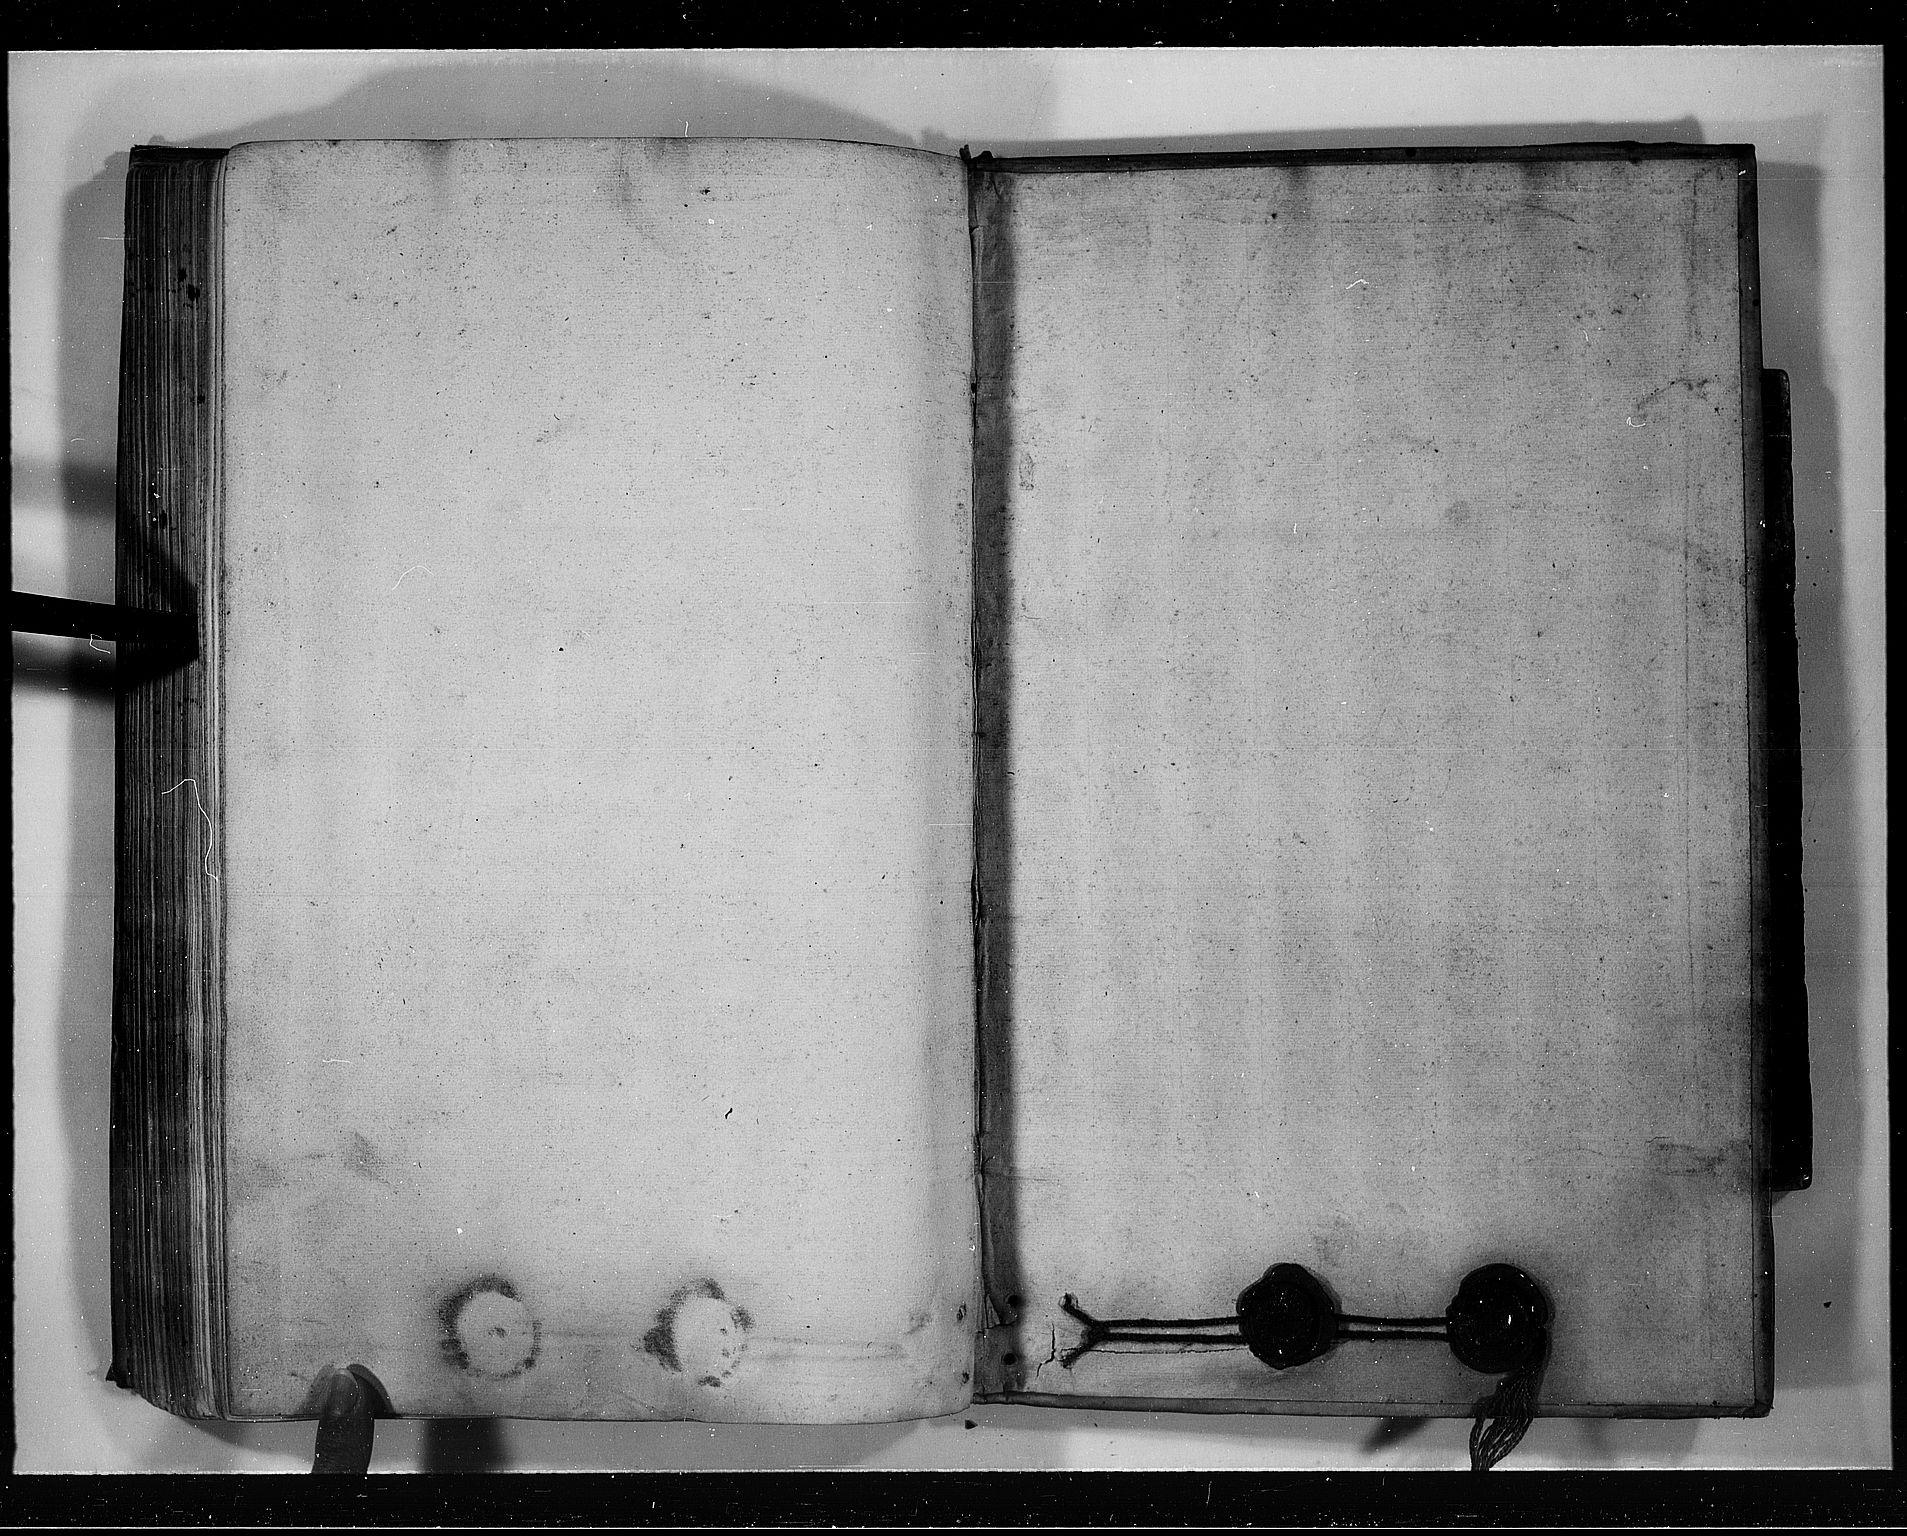 RA, Rentekammeret inntil 1814, Realistisk ordnet avdeling, N/Nb/Nbf/L0136: Hardanger eksaminasjonsprotokoll, 1723, s. upaginert